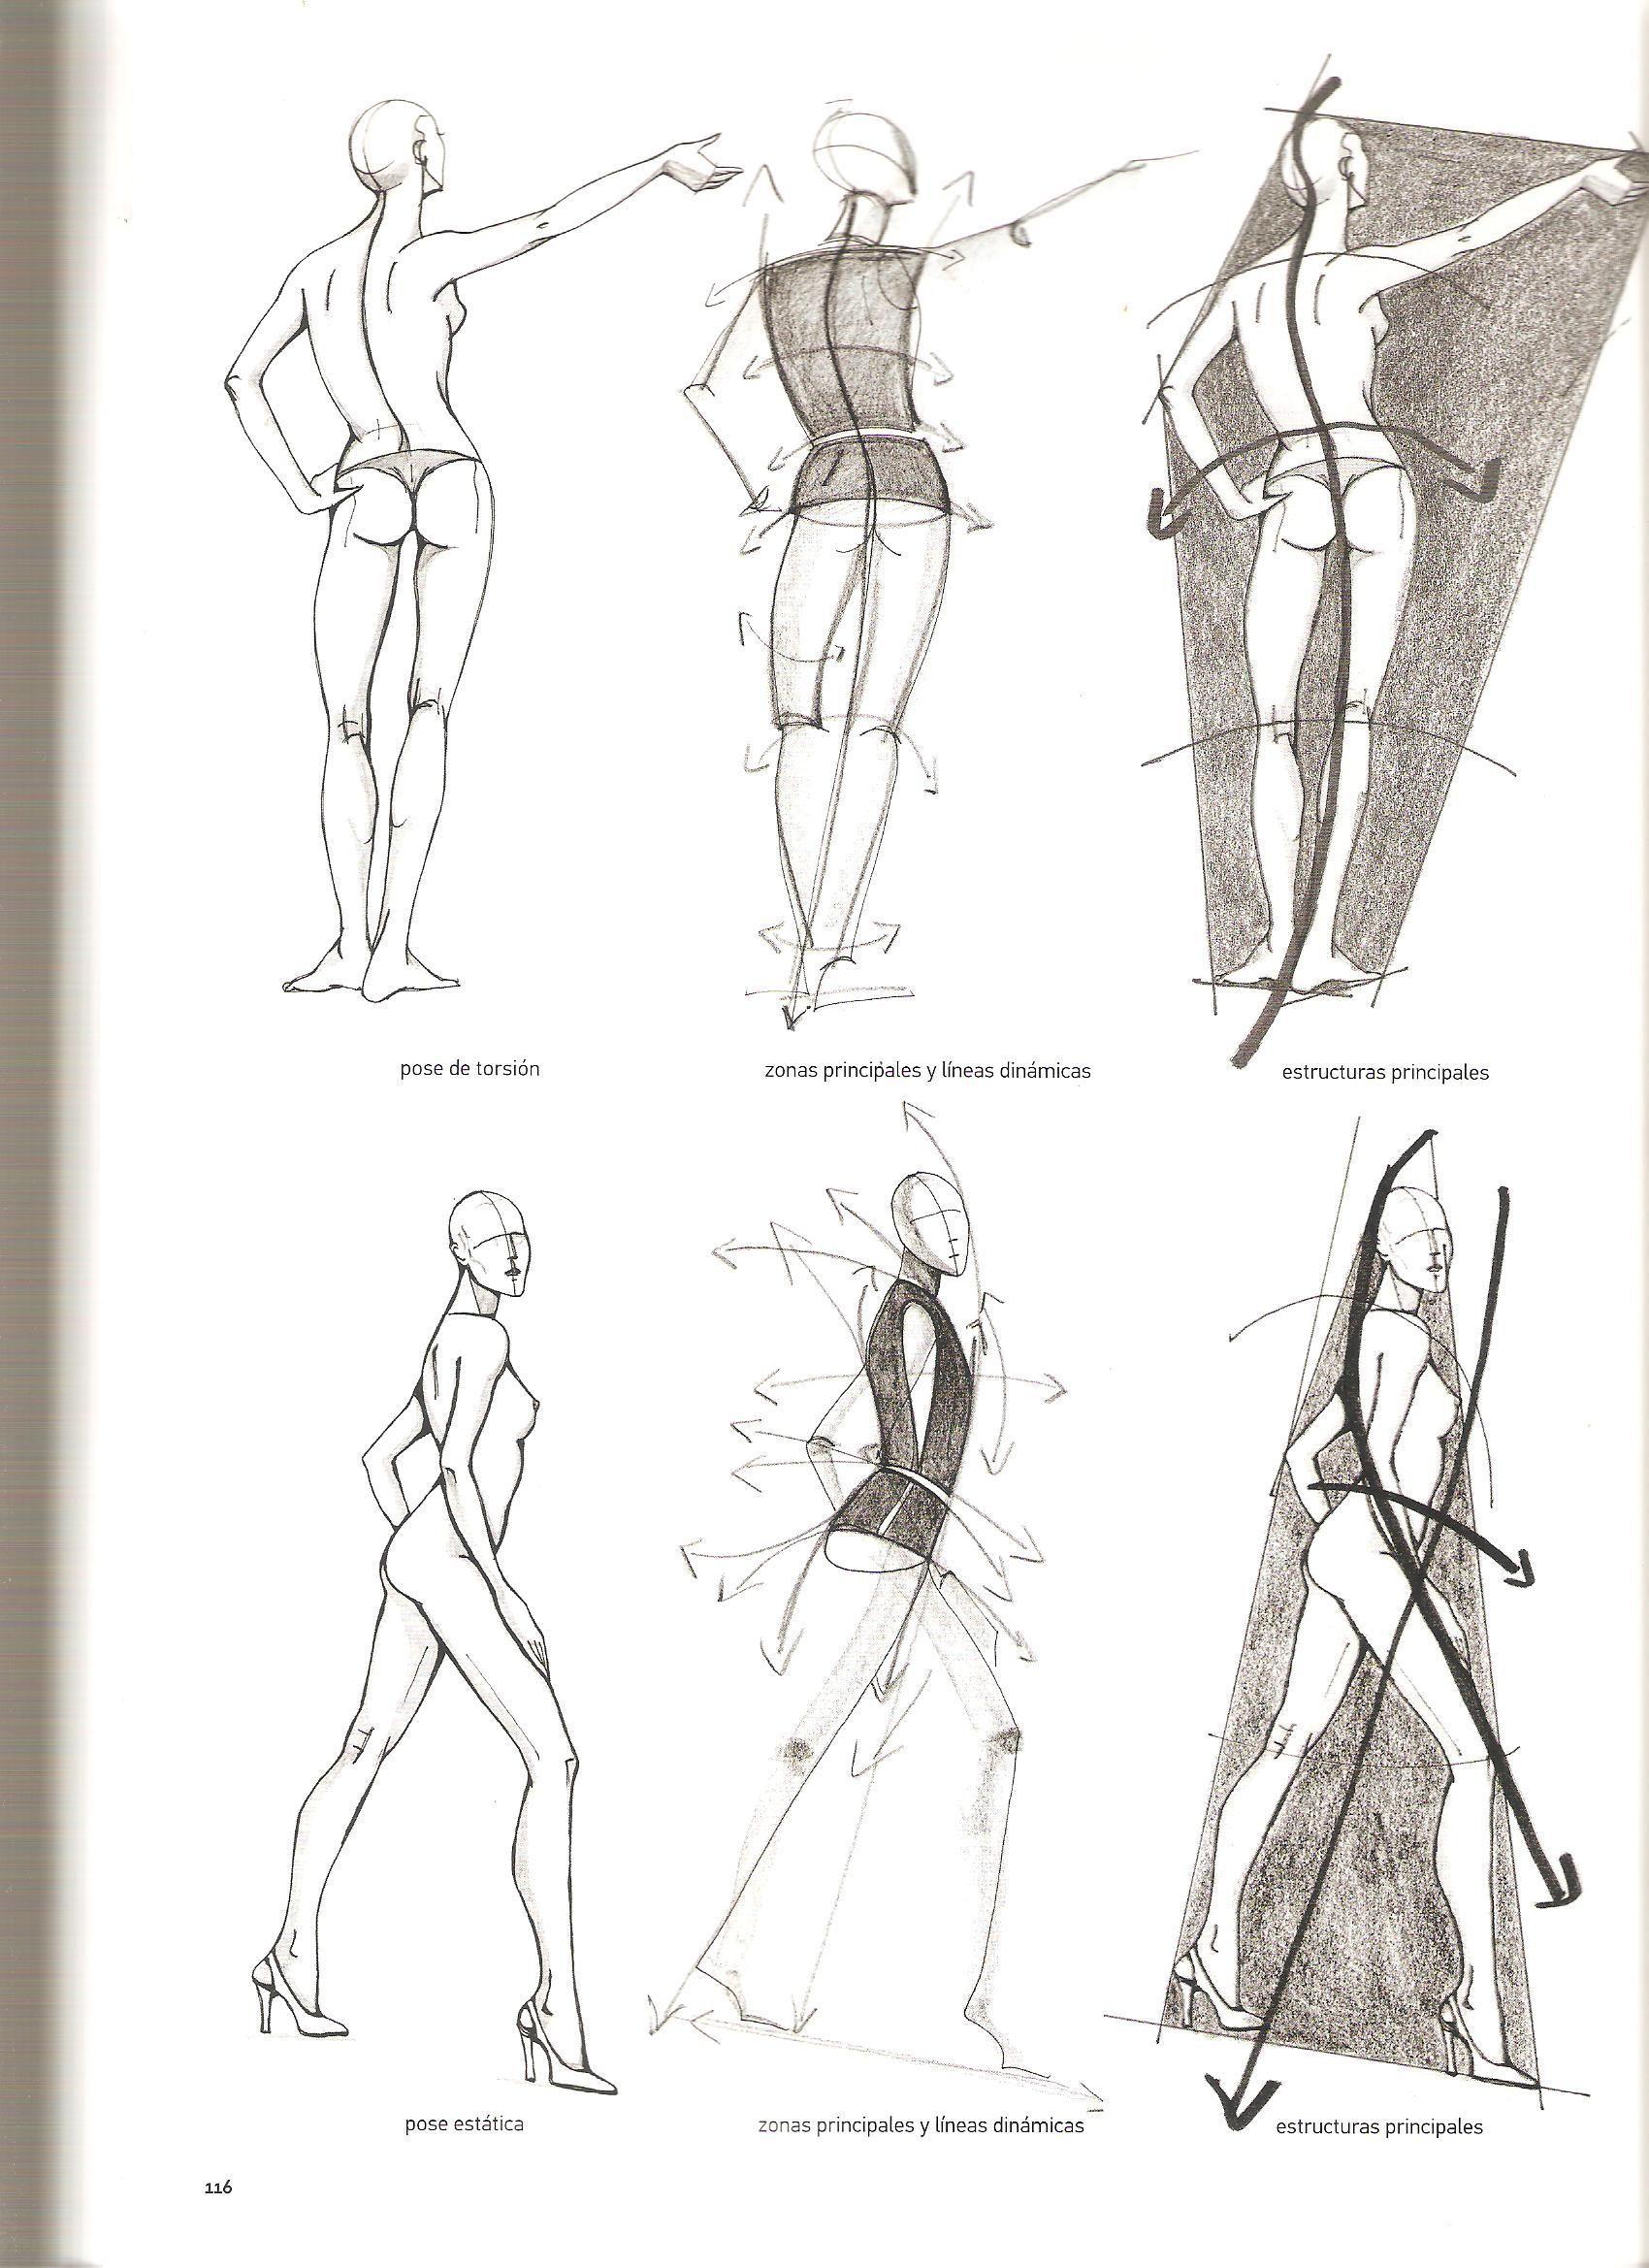 Lujo Dibujo De La Anatomía De La Moda Elaboración - Anatomía de Las ...